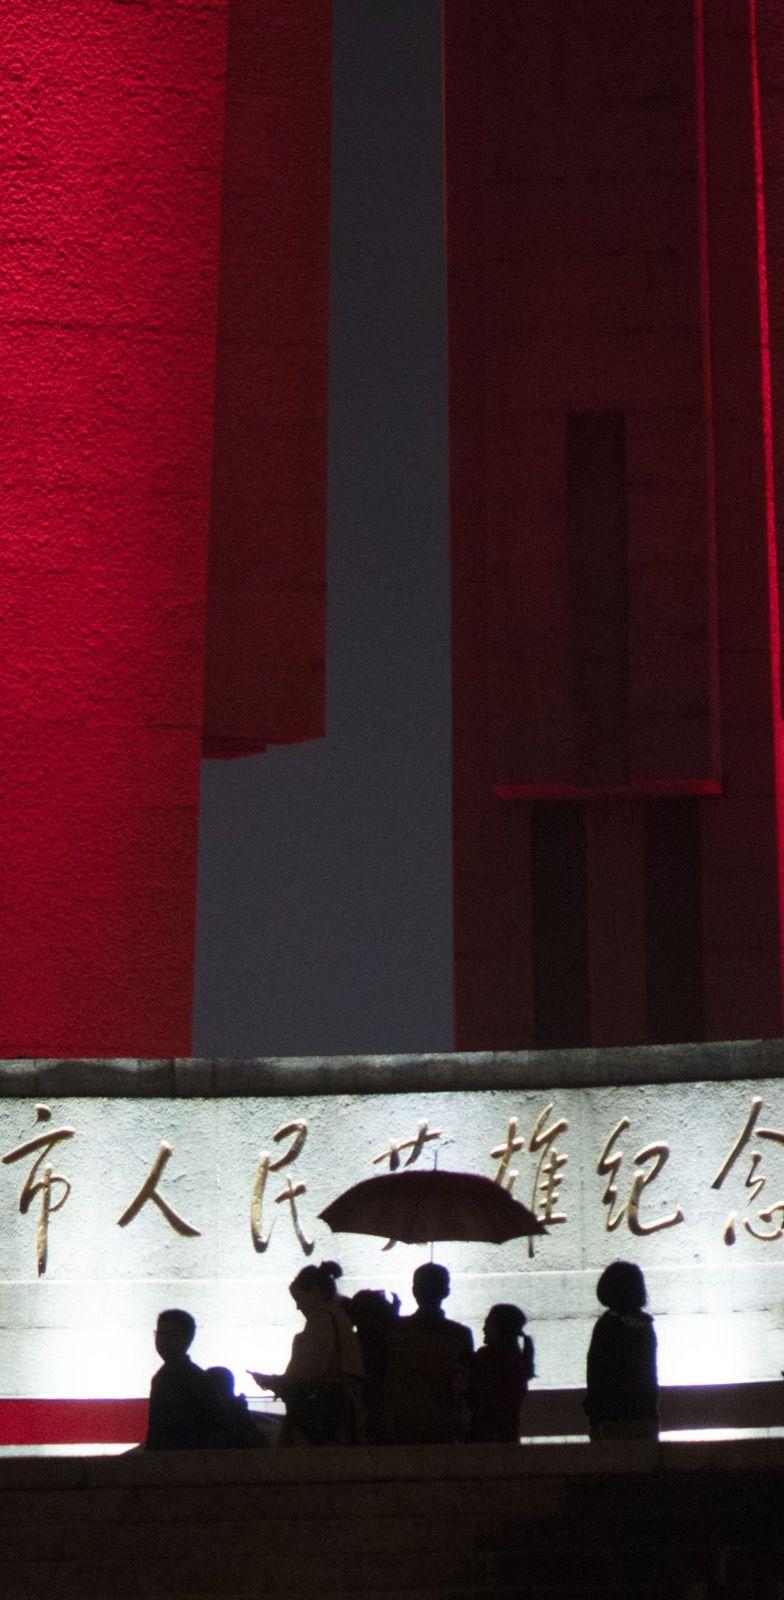 China 008: shanghai monument